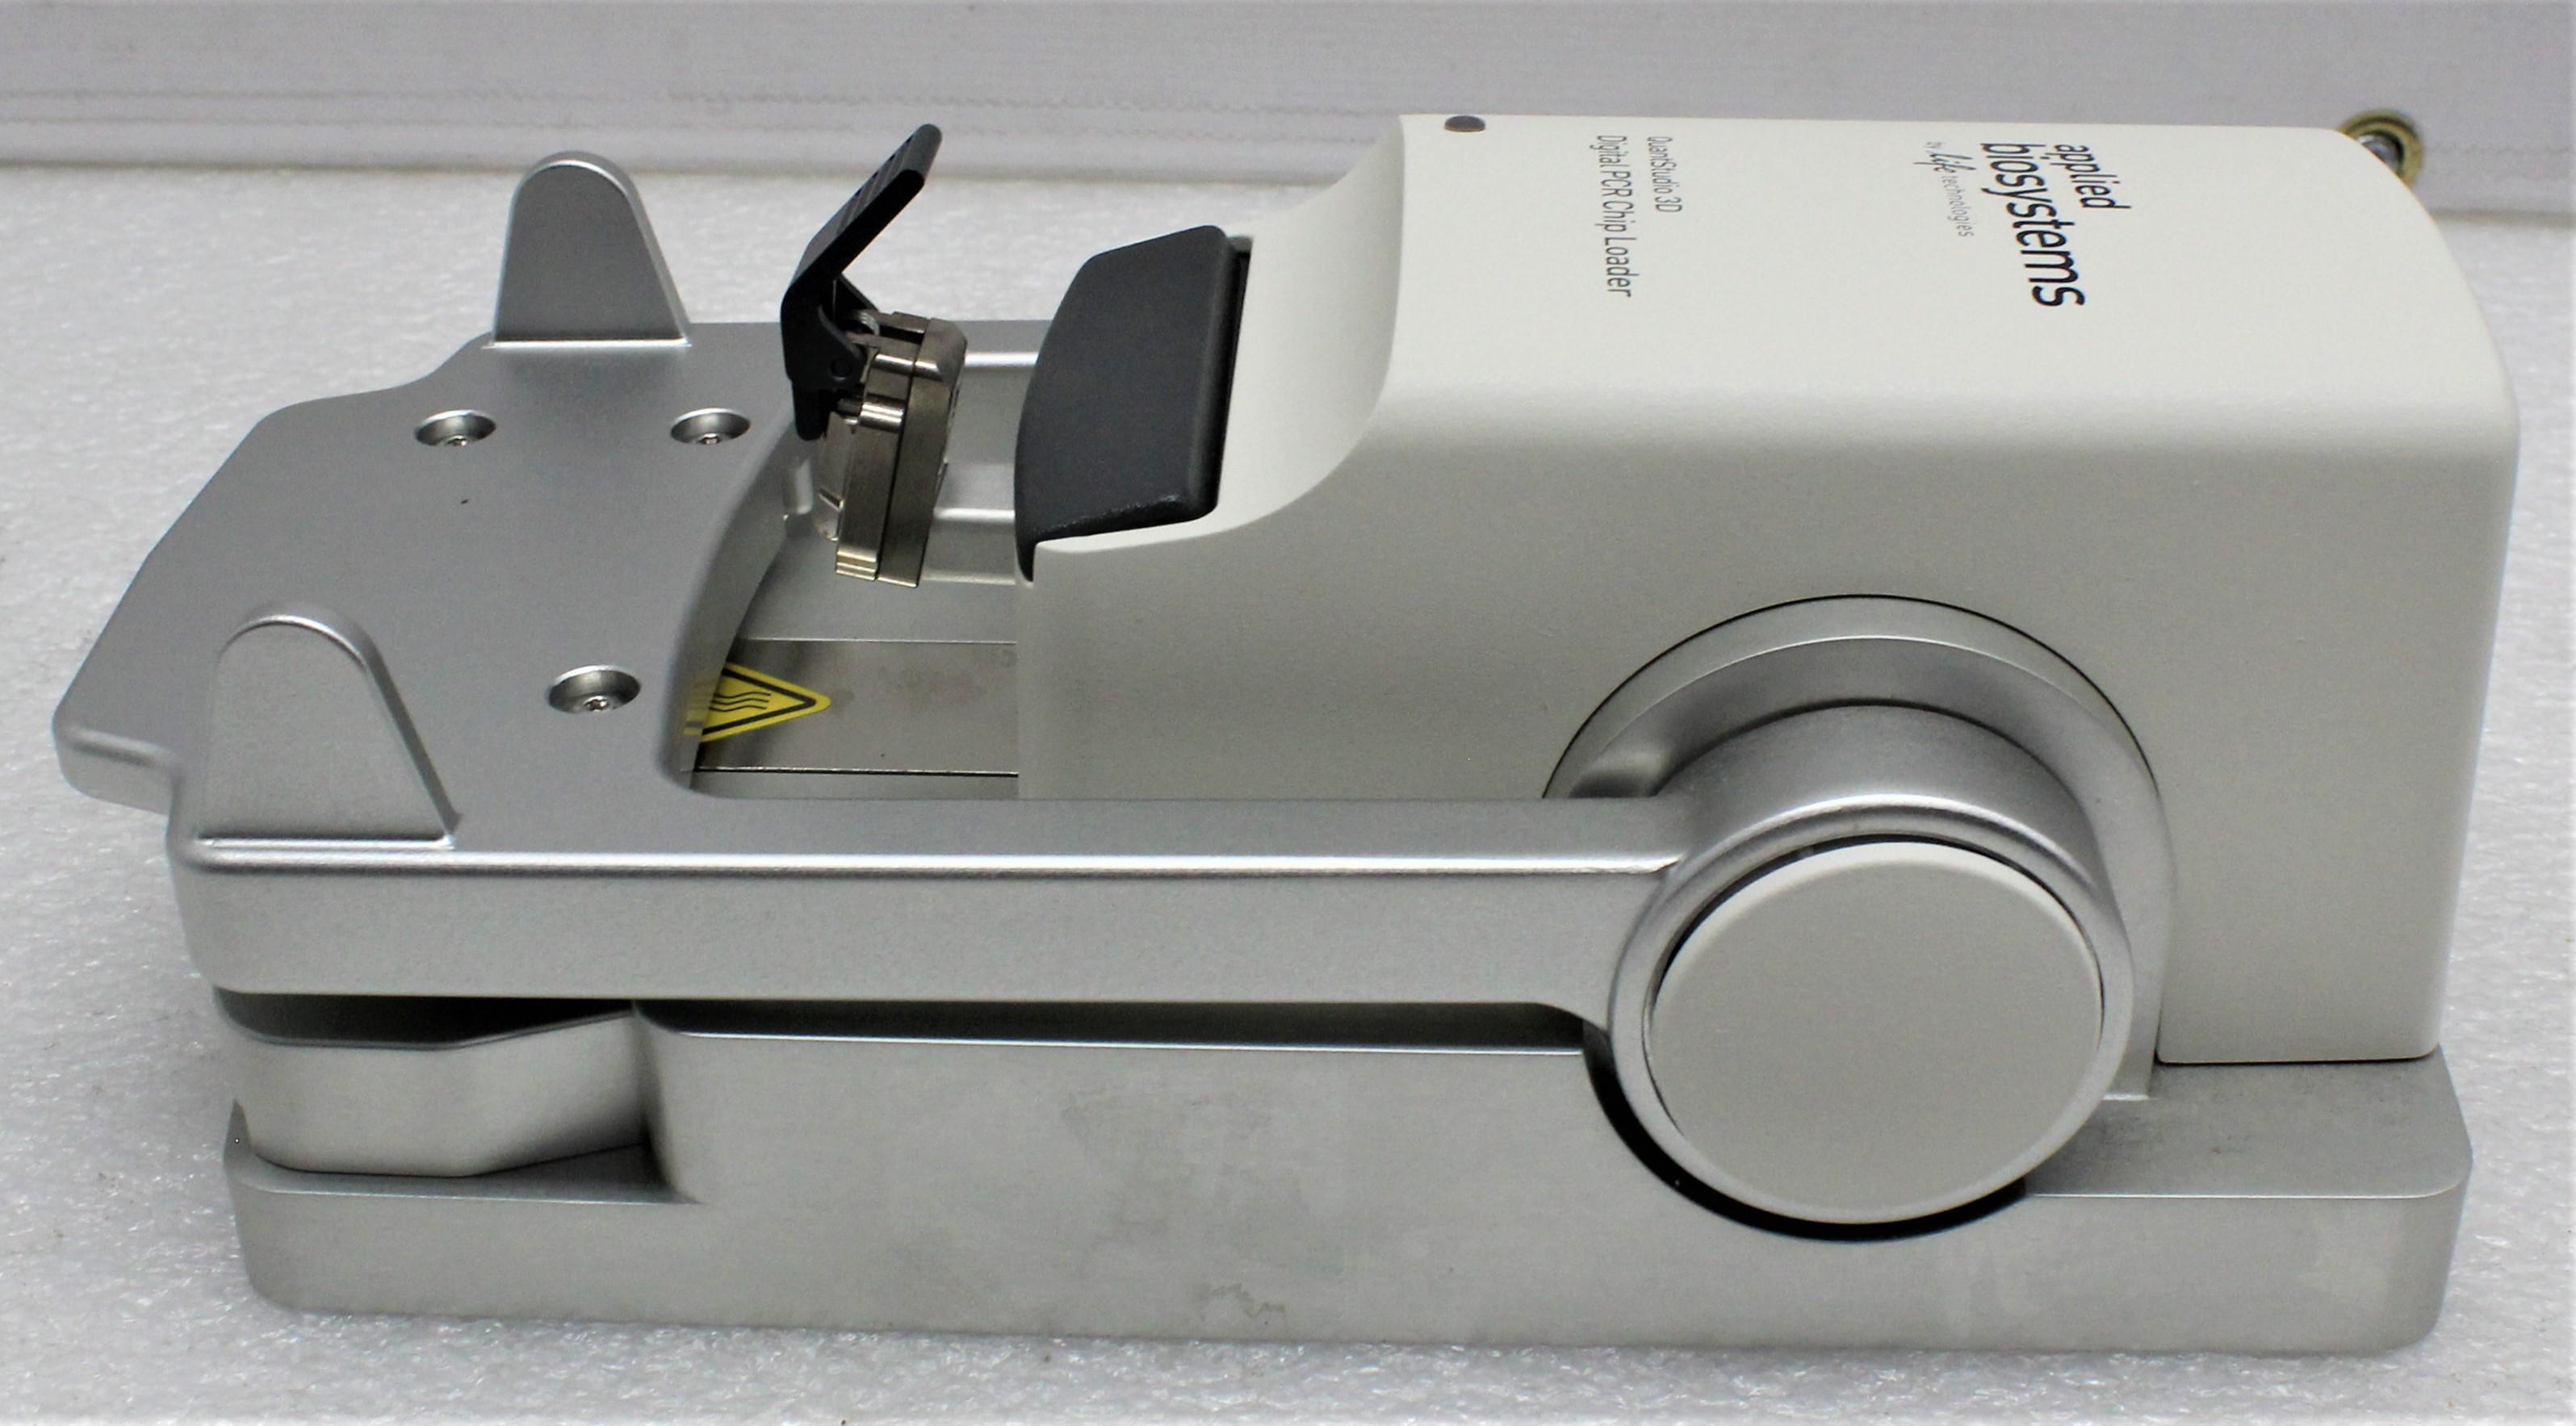 Image APPLIED BIOSYSTEMS 4482592 QuantStudio 3D Digital PCR Chip Loader 1587216